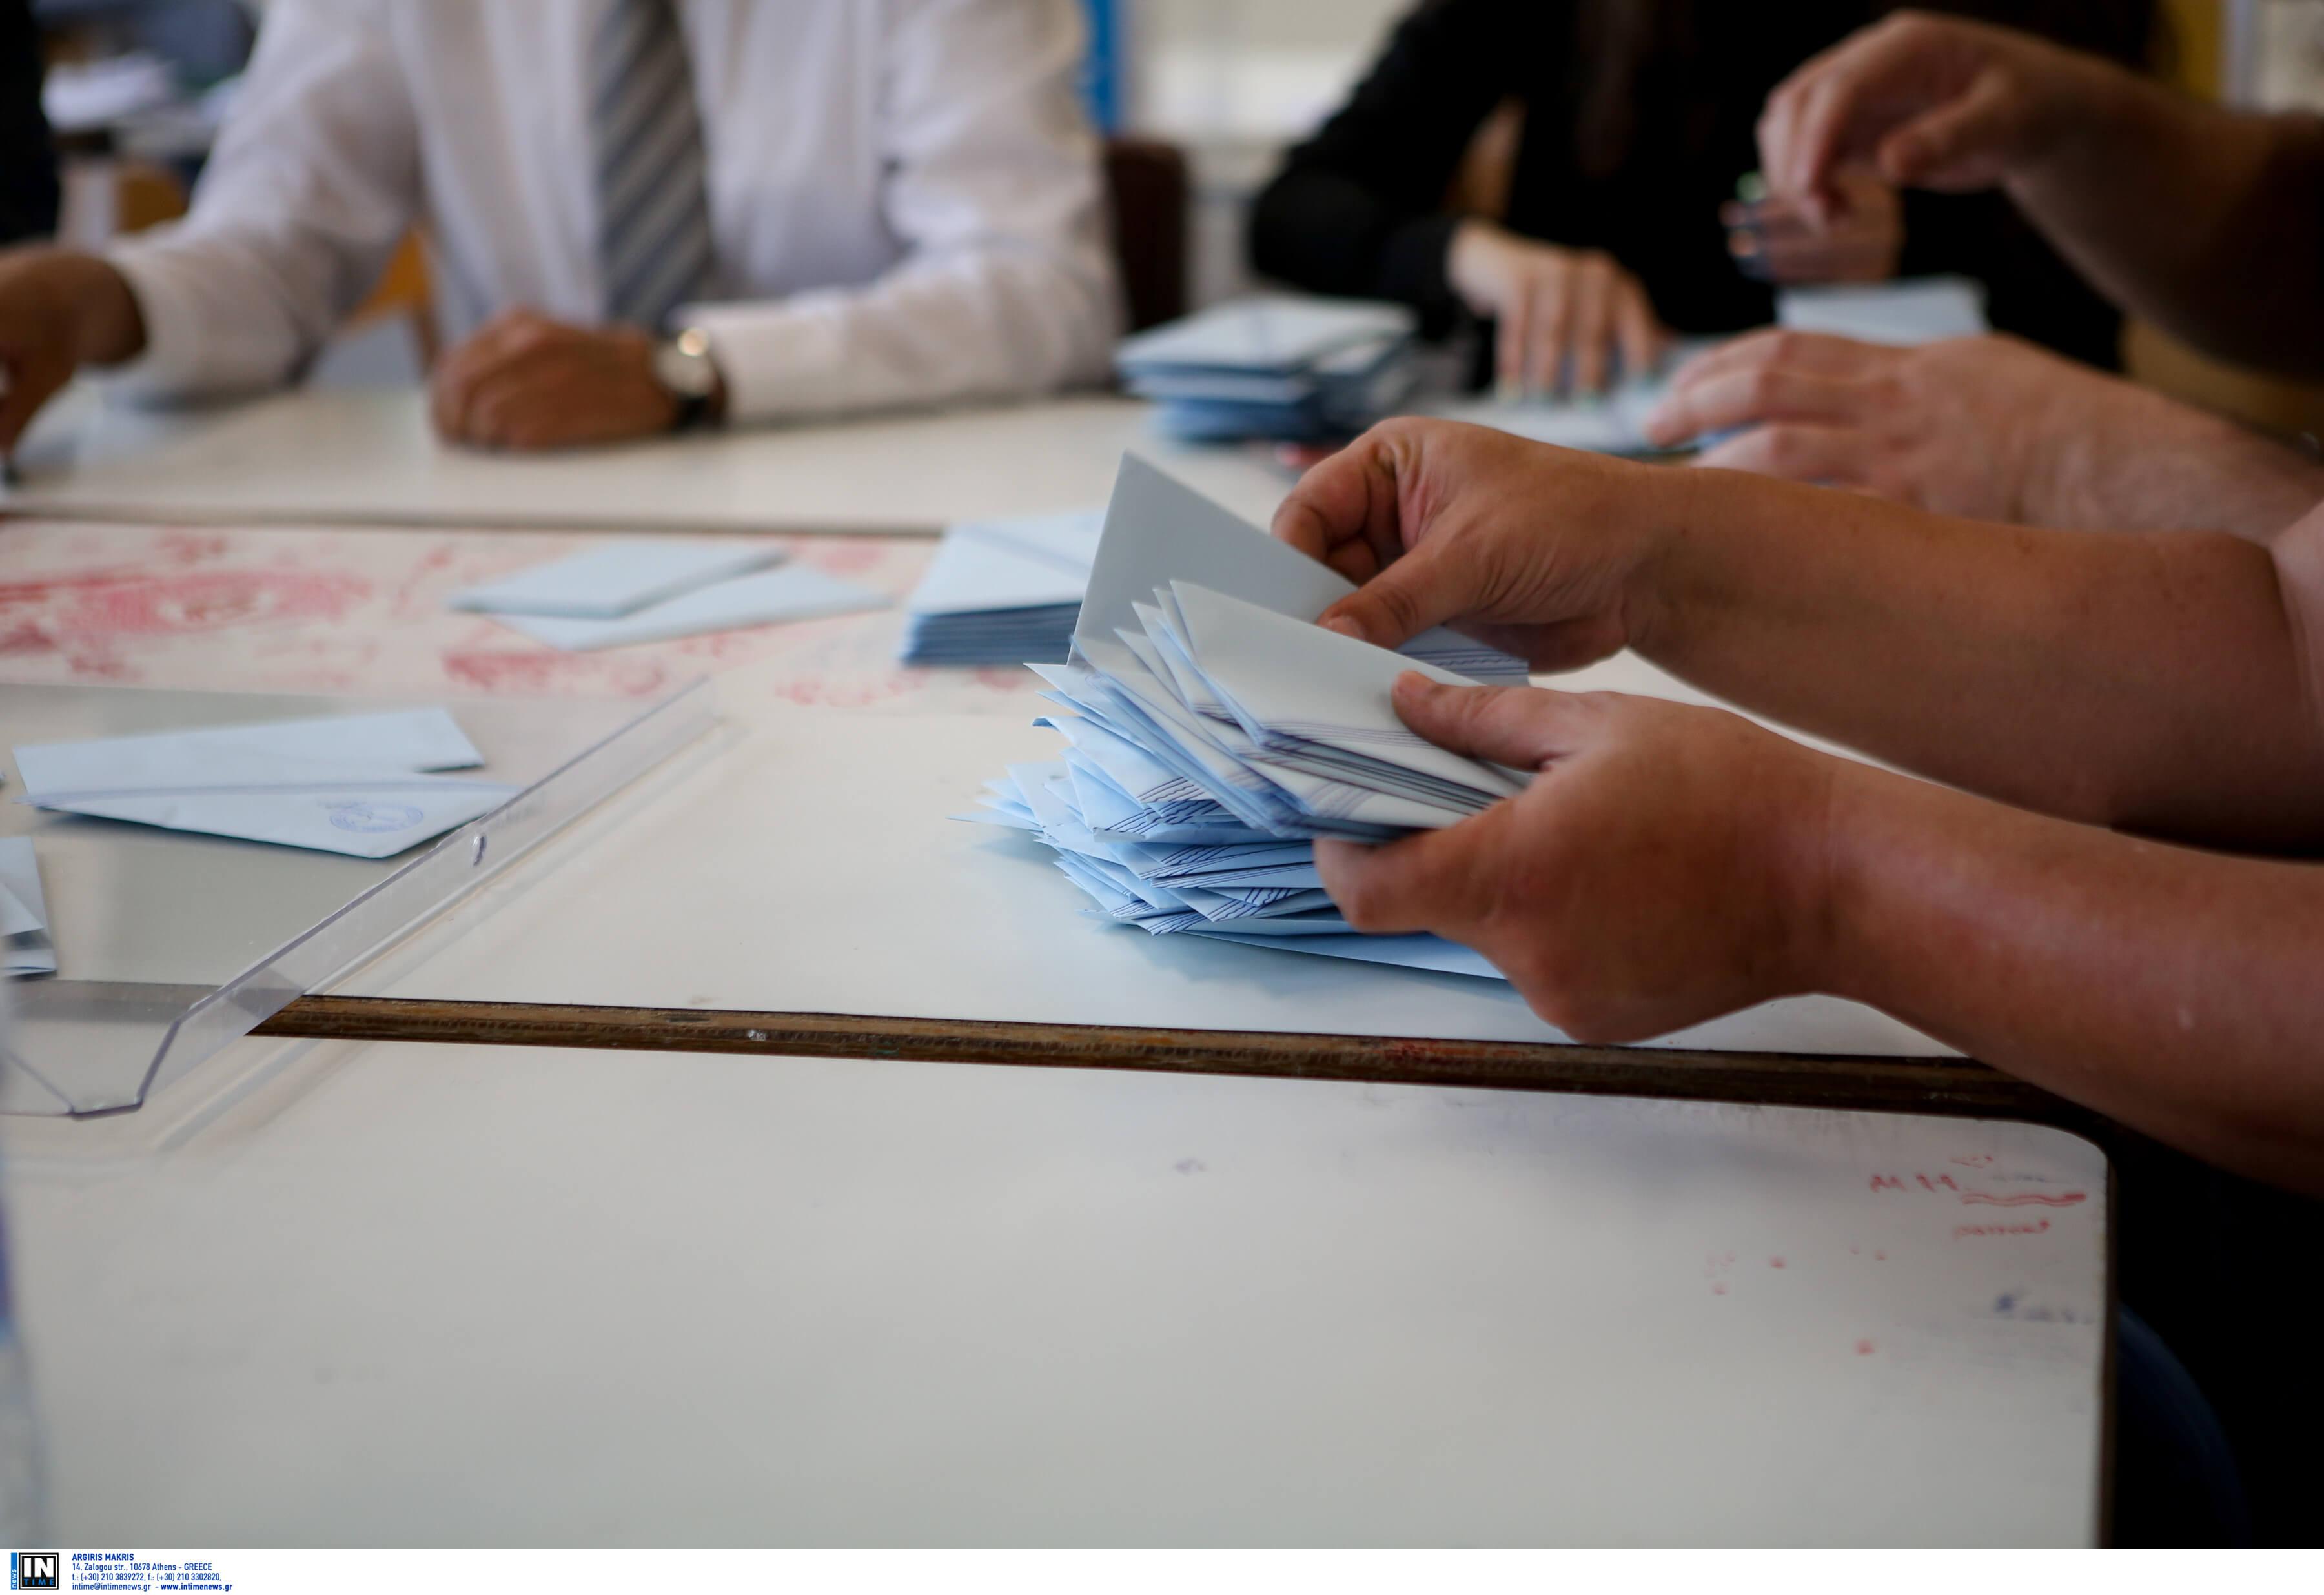 Αποτελέσματα Εκλογών – Σταυροί προτίμησης Δήμος Χανίων: Ποιοι δημοτικοί σύμβουλοι εκλέγονται